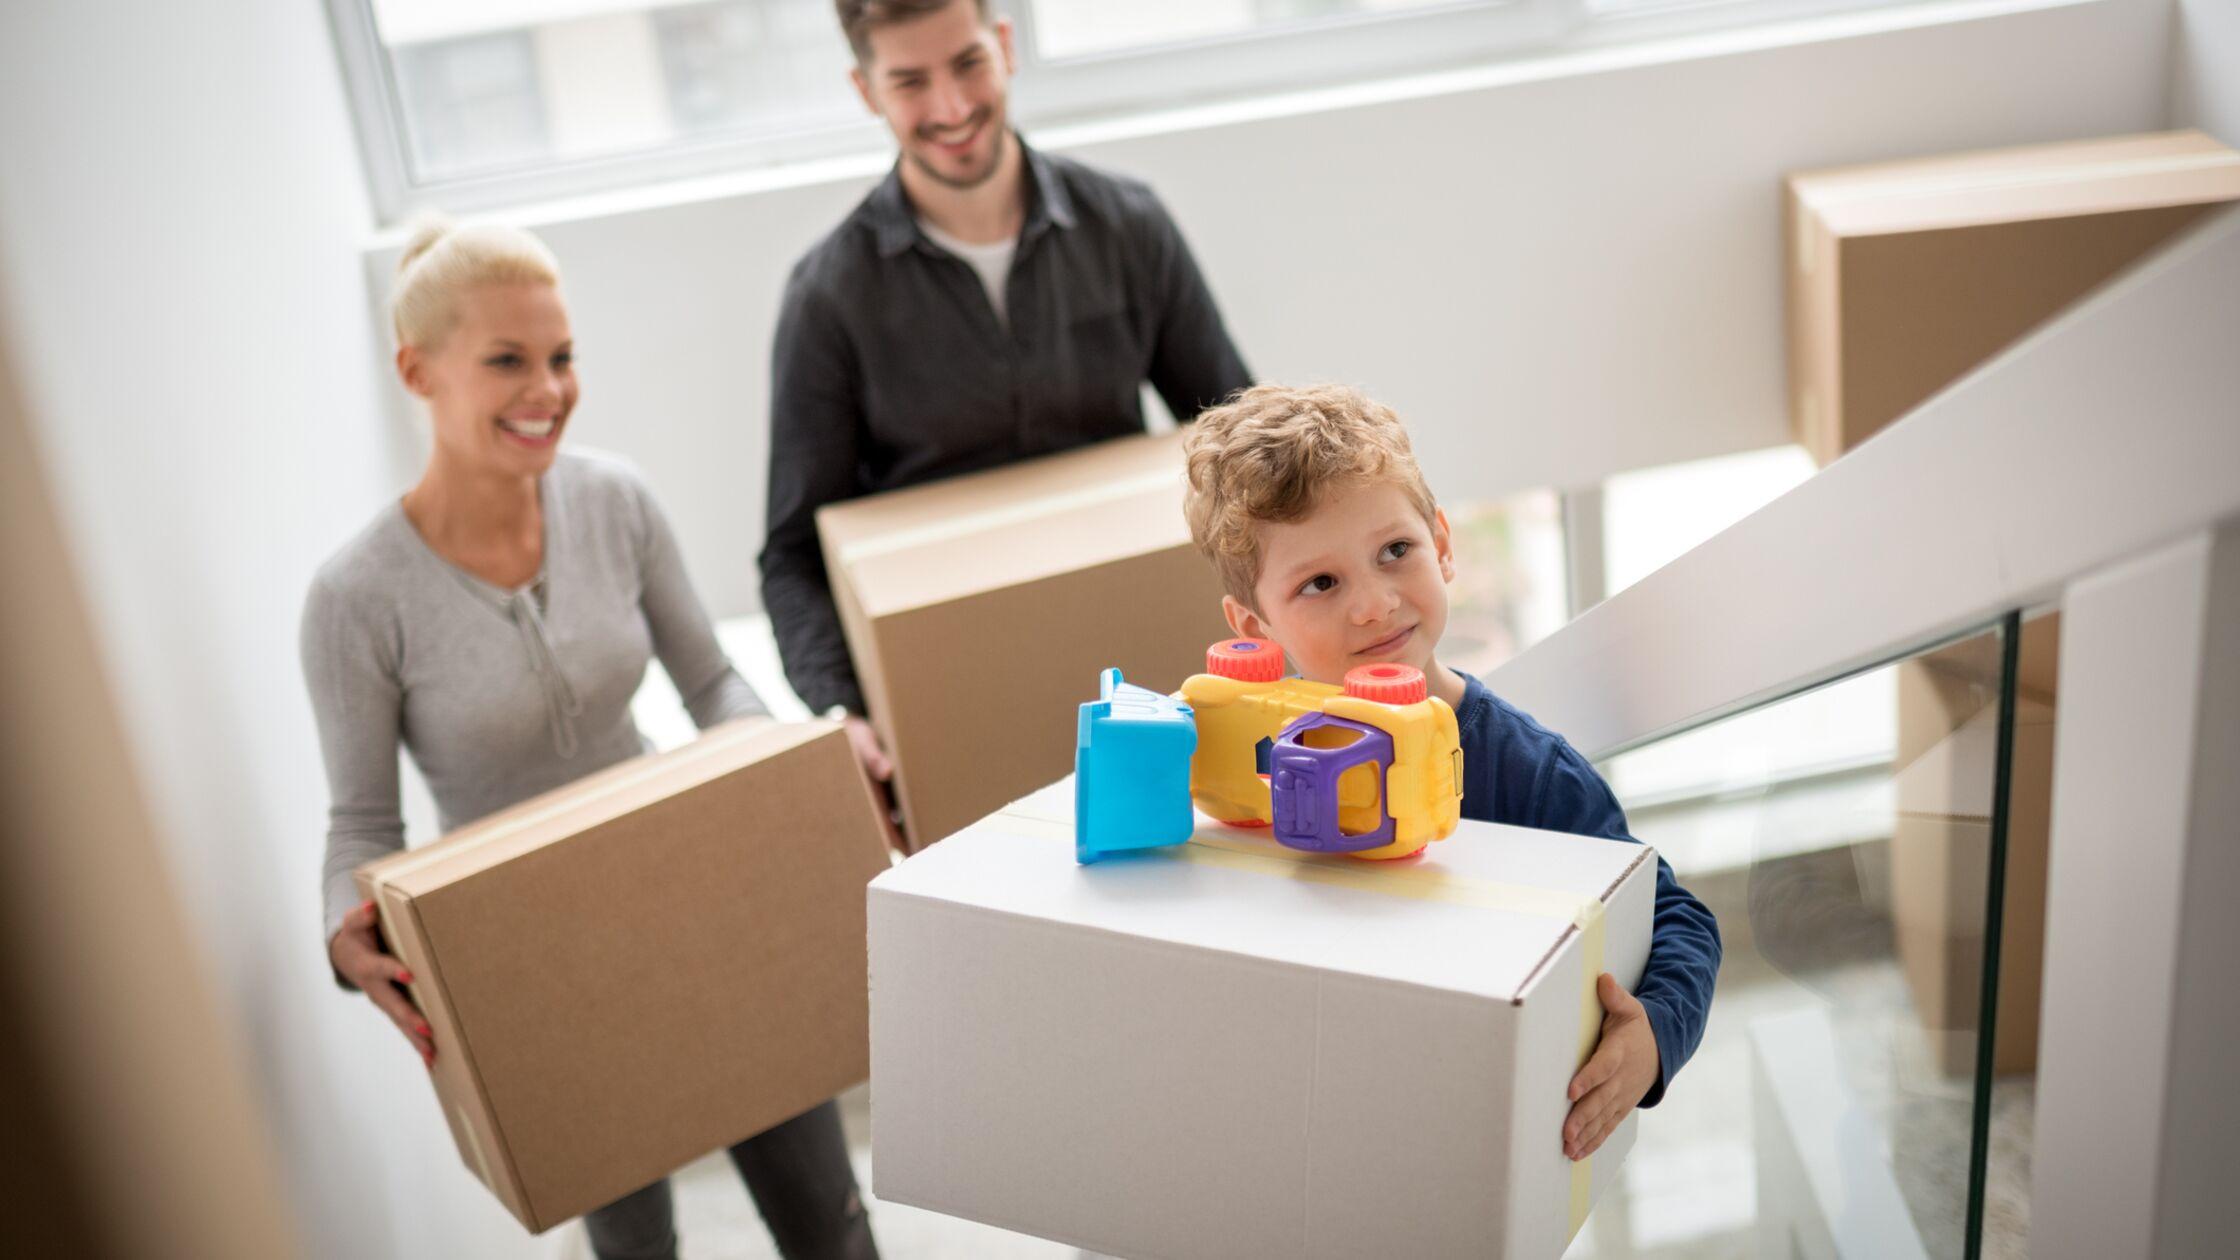 Mann, Frau und Kind gehen mit Umzugskartons eine Treppe hoch